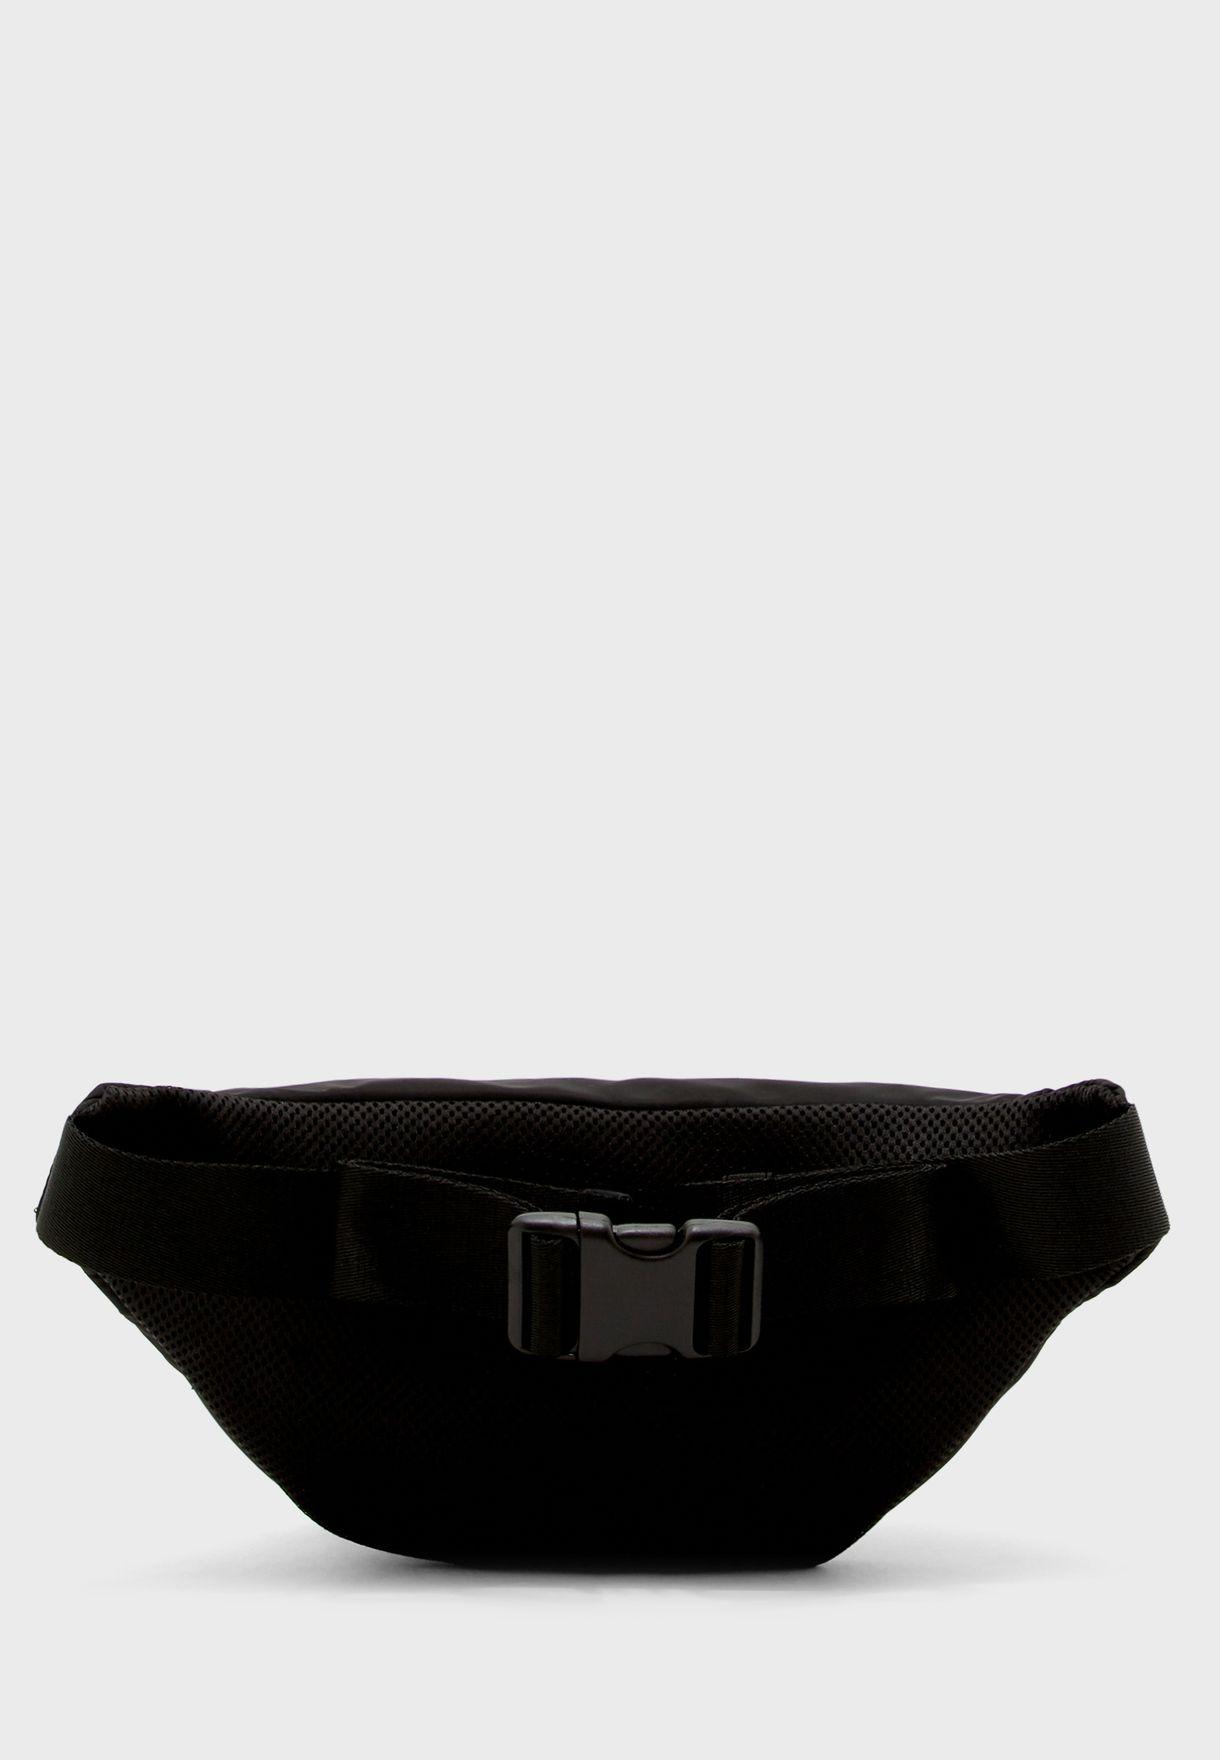 حقيبة مسنجر جانبية